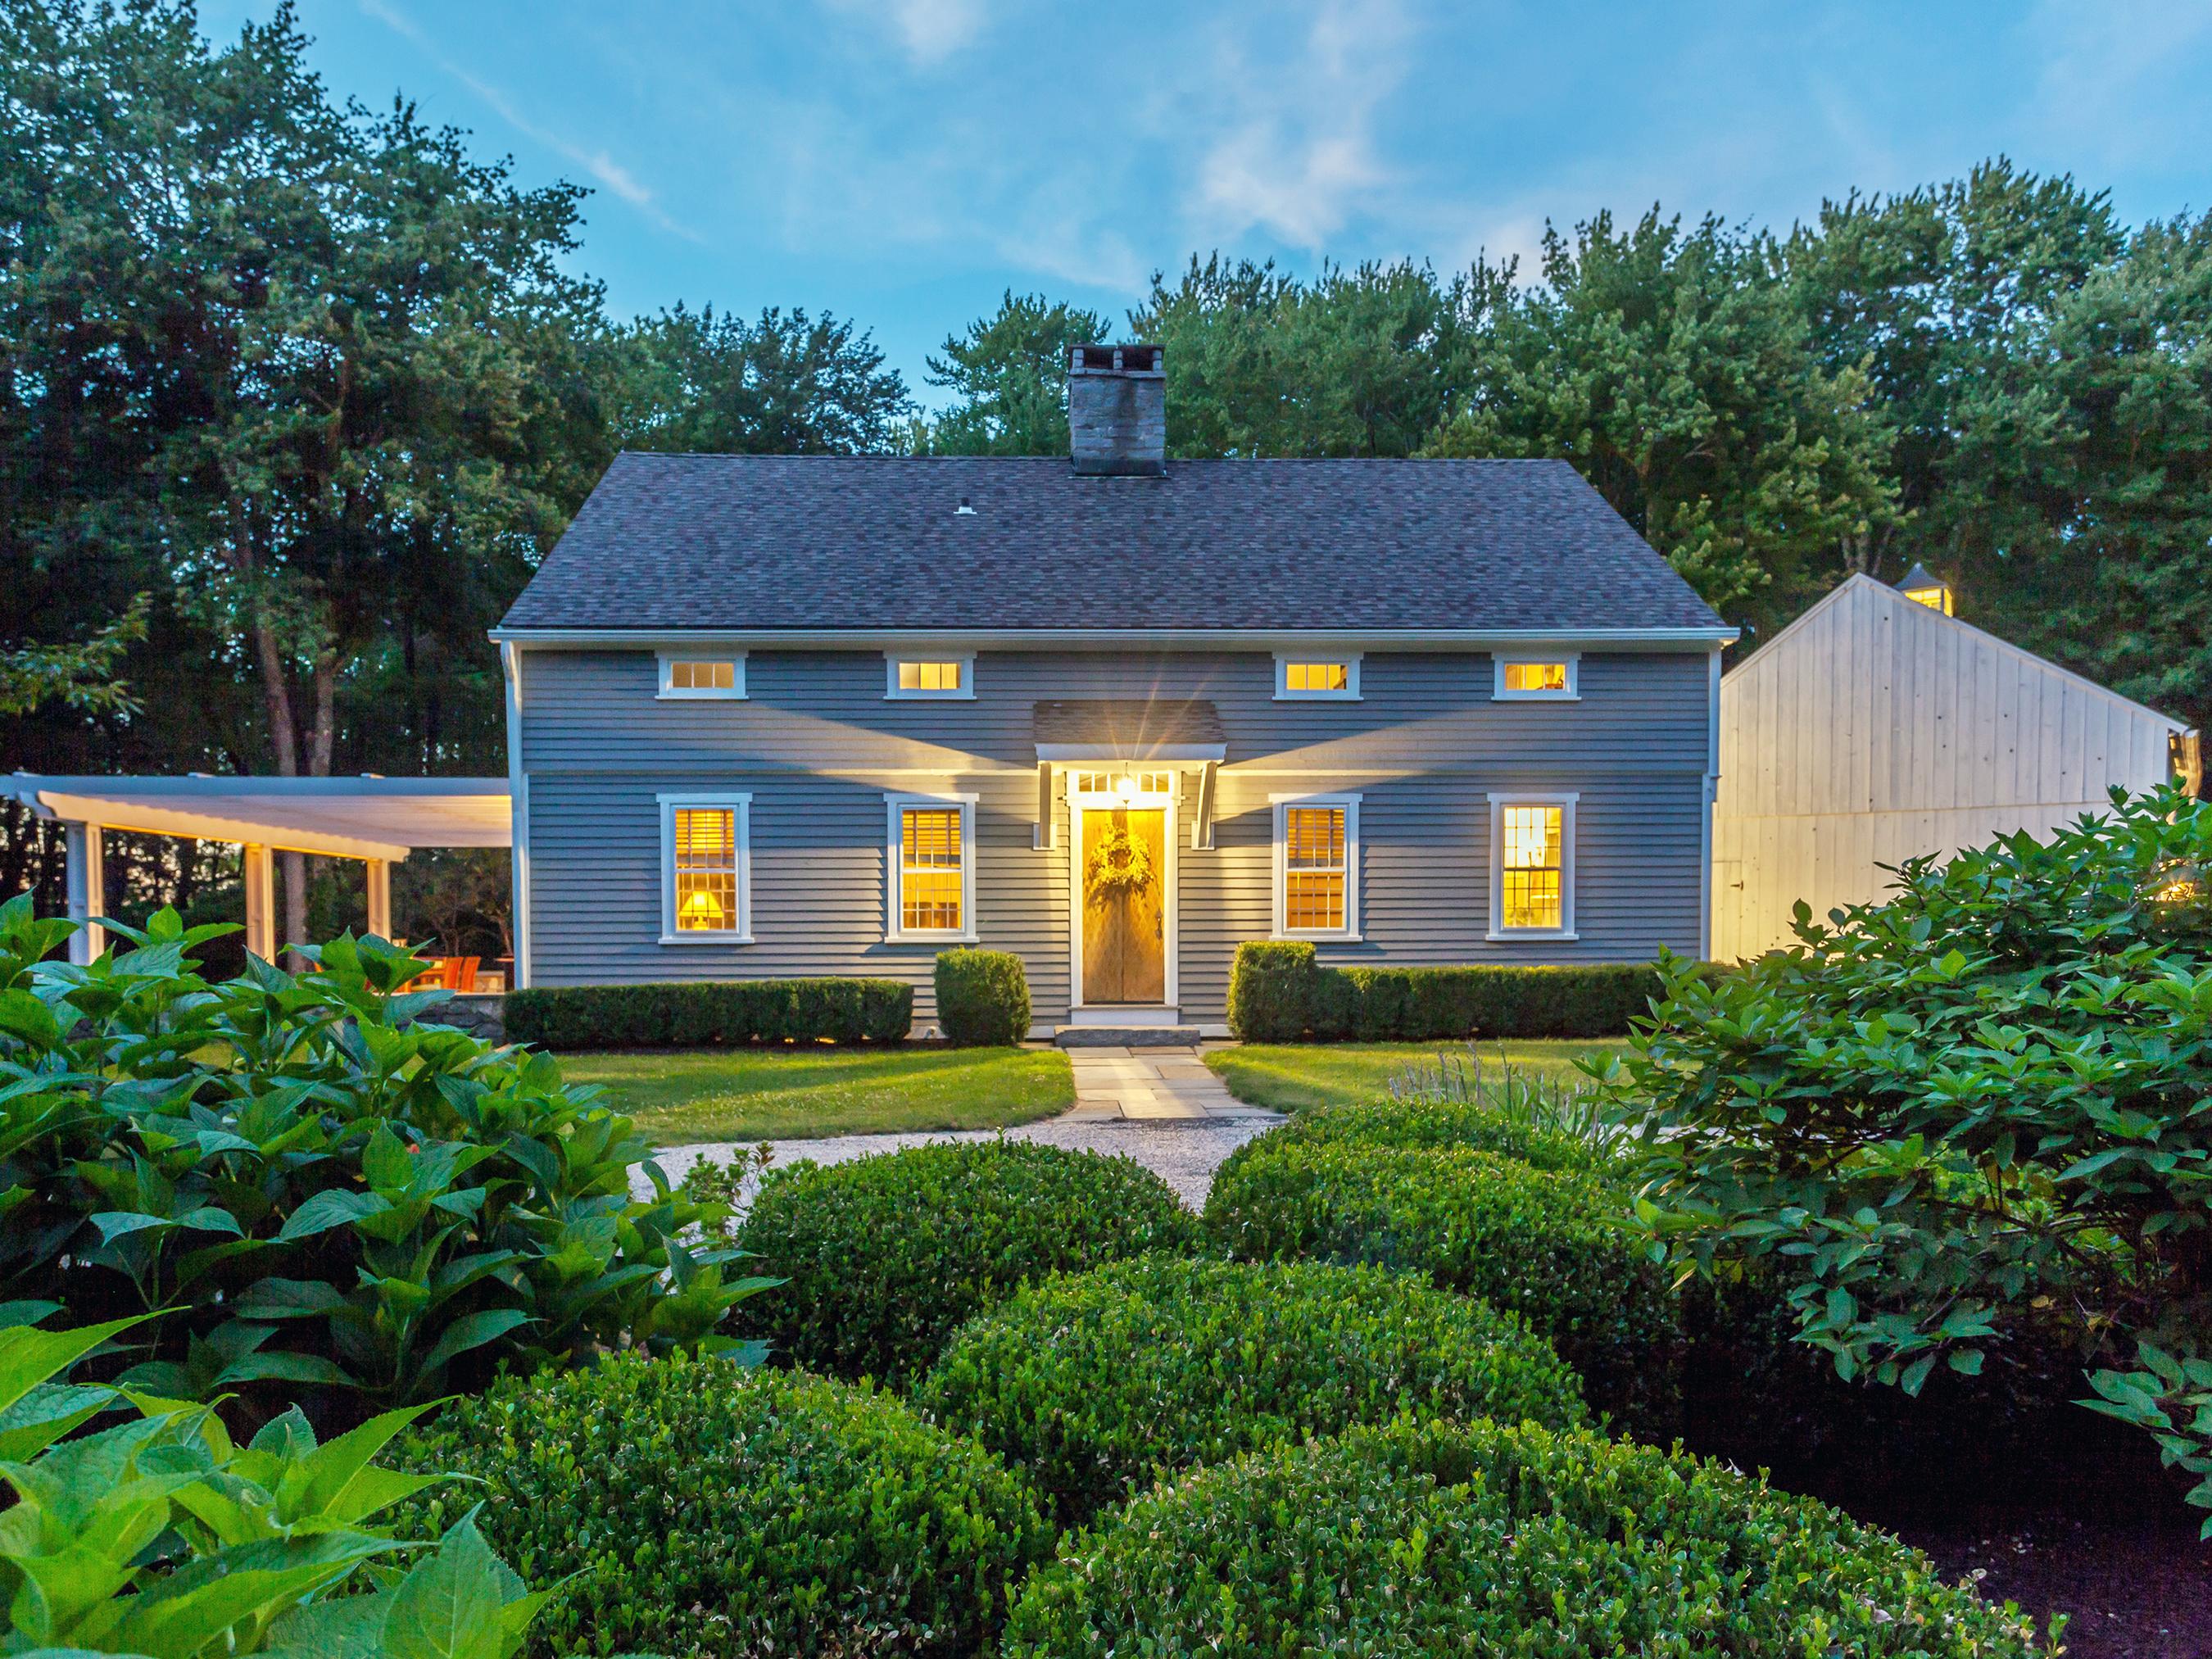 独户住宅 为 销售 在 Charming Cape 257 Good Hill Rd 罗克斯伯里, 康涅狄格州, 06783 美国